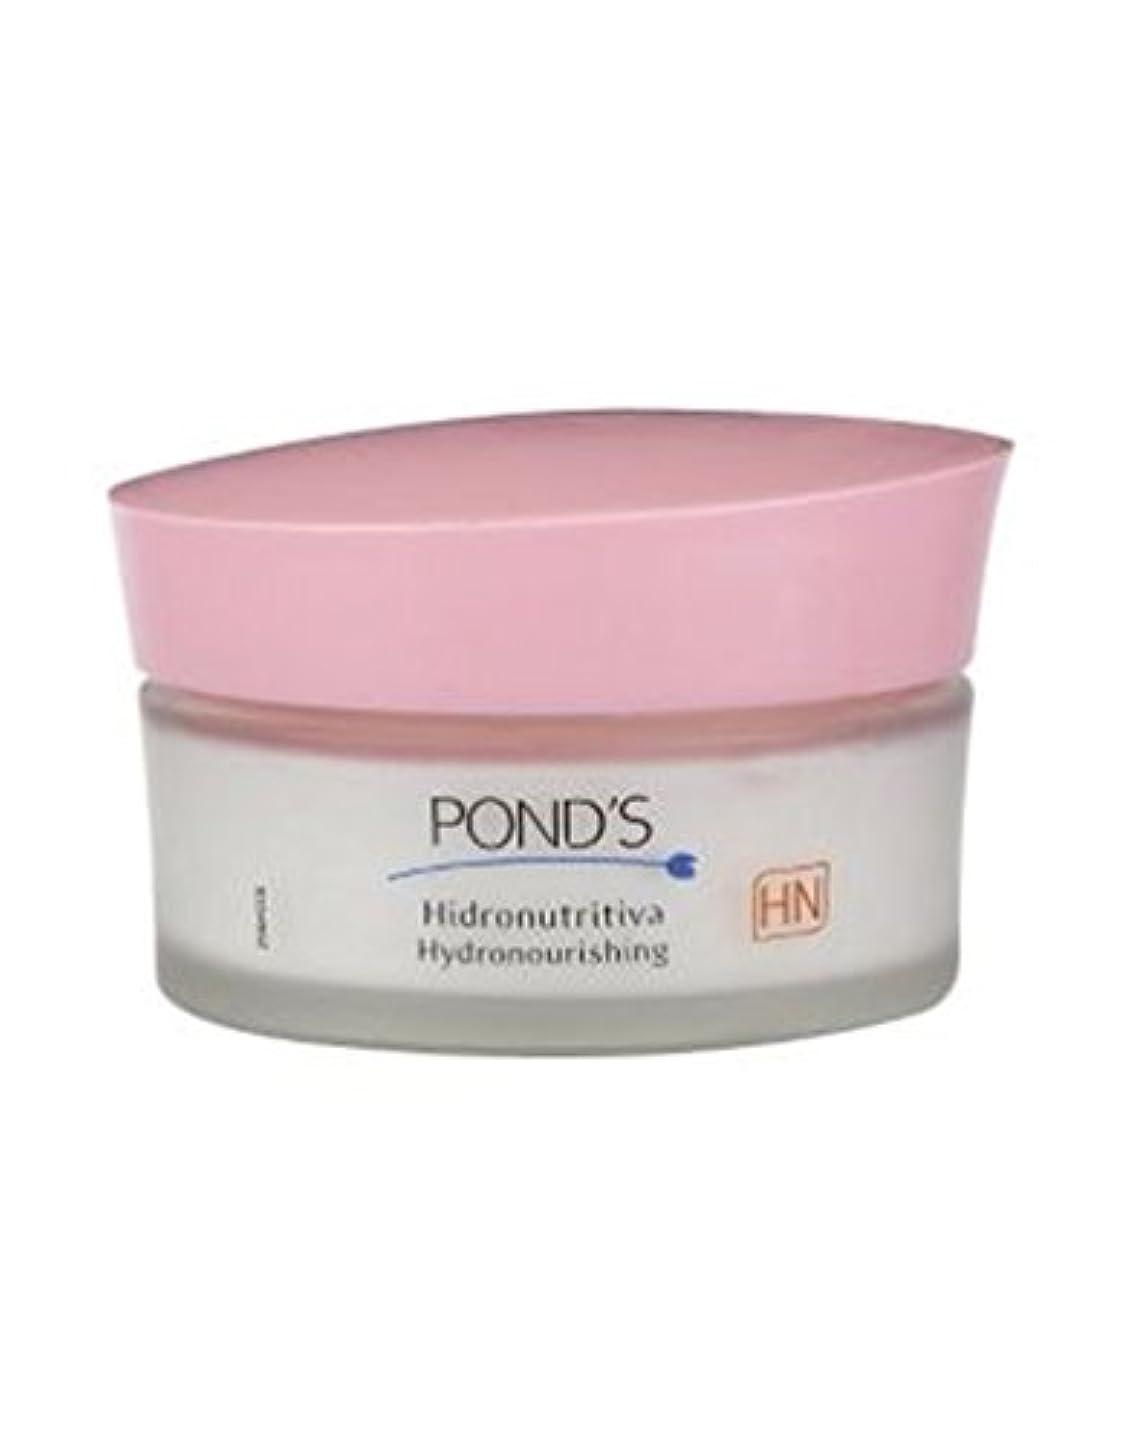 ストレッチ休み理論的Ponds Nourishing Anti-wrinkle Cream 50ml - アンチリンクルクリーム50ミリリットル栄養池 (Ponds) [並行輸入品]